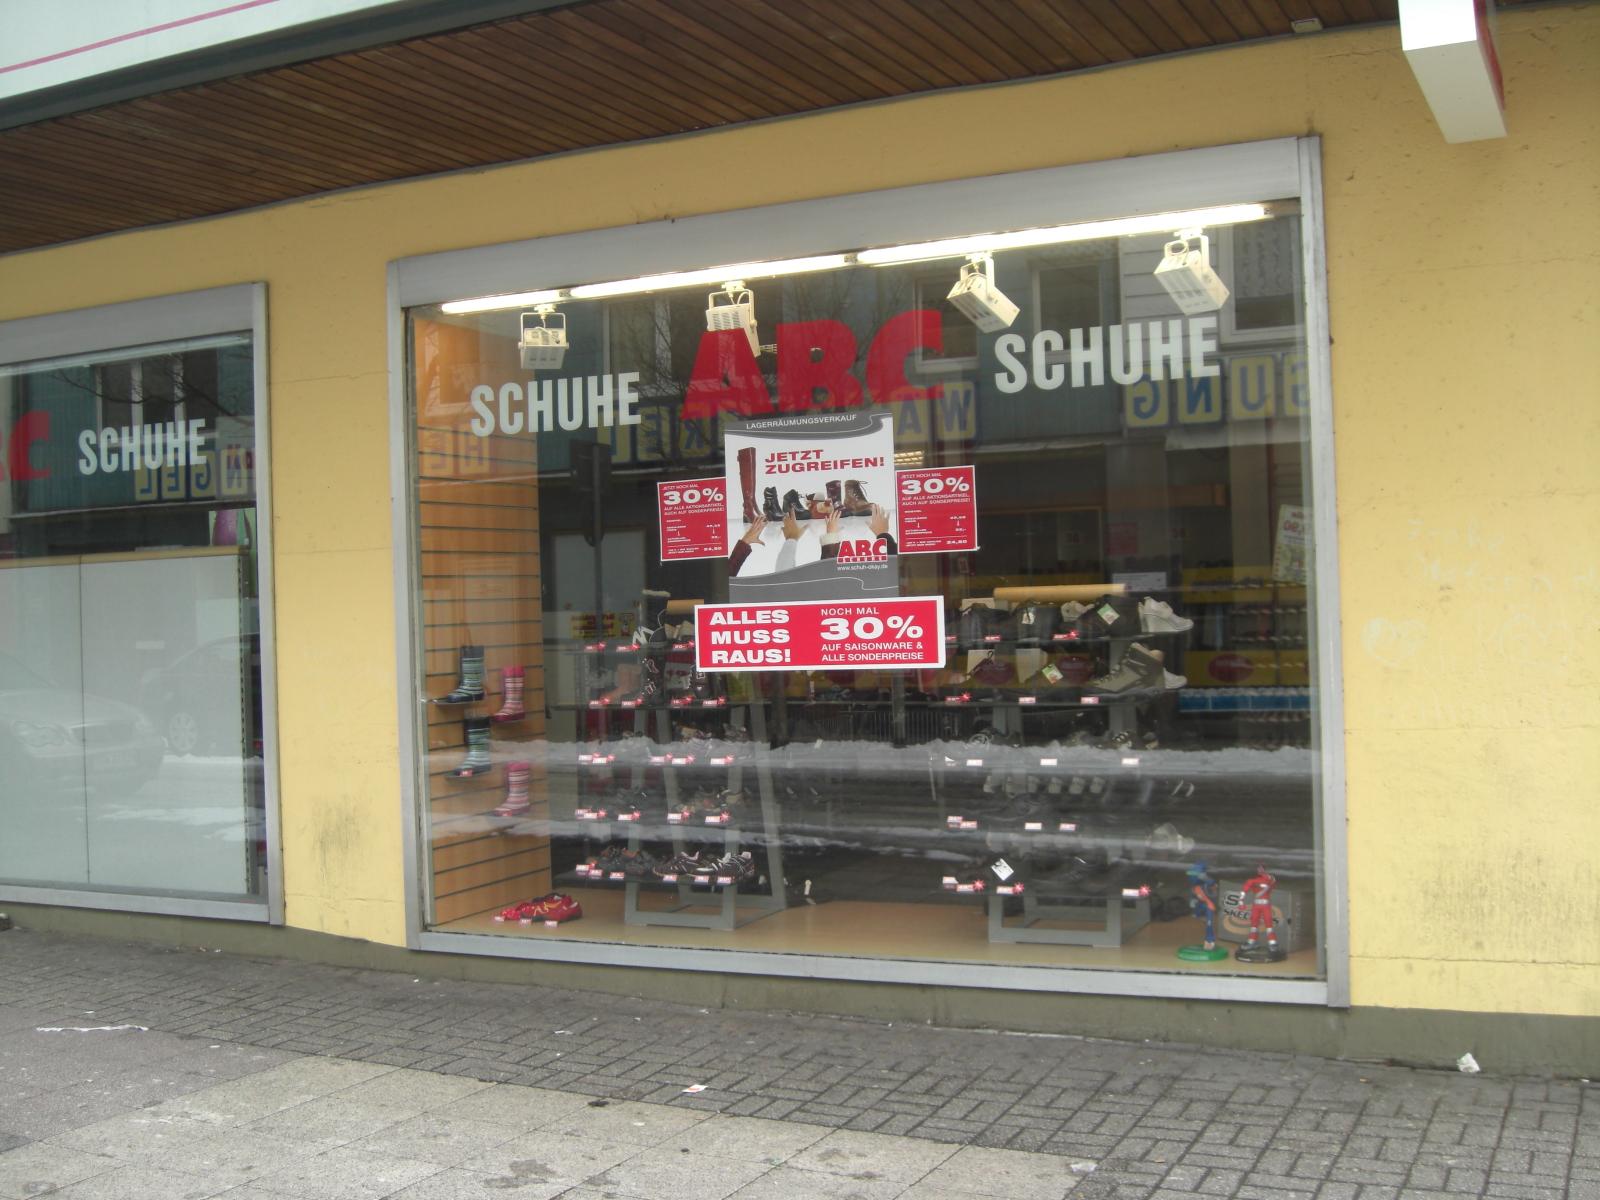 ➤ ABC Schuhe 44649 Herne Wanne Öffnungszeiten   Adresse